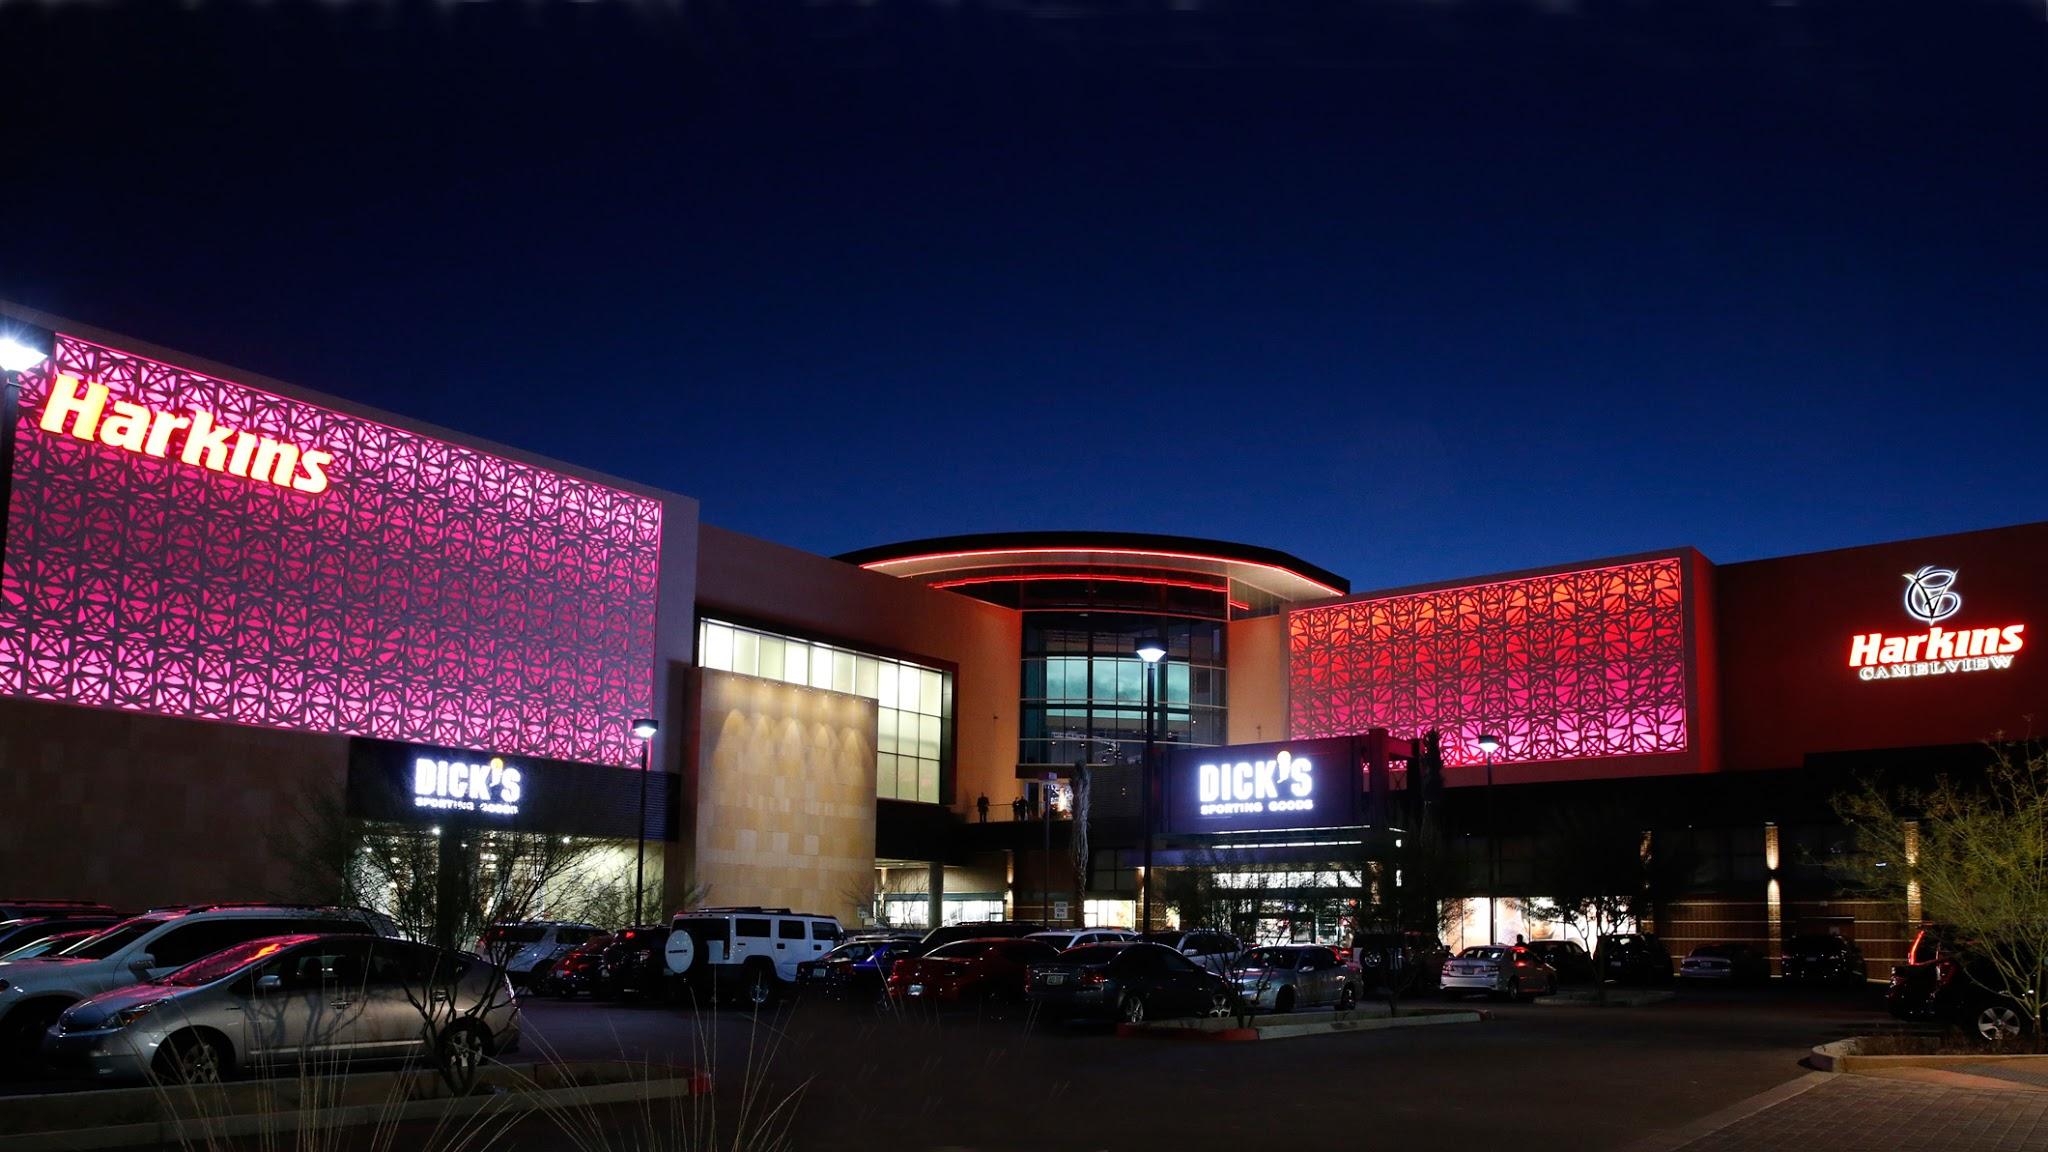 Victoria gardens edwards movie theatre